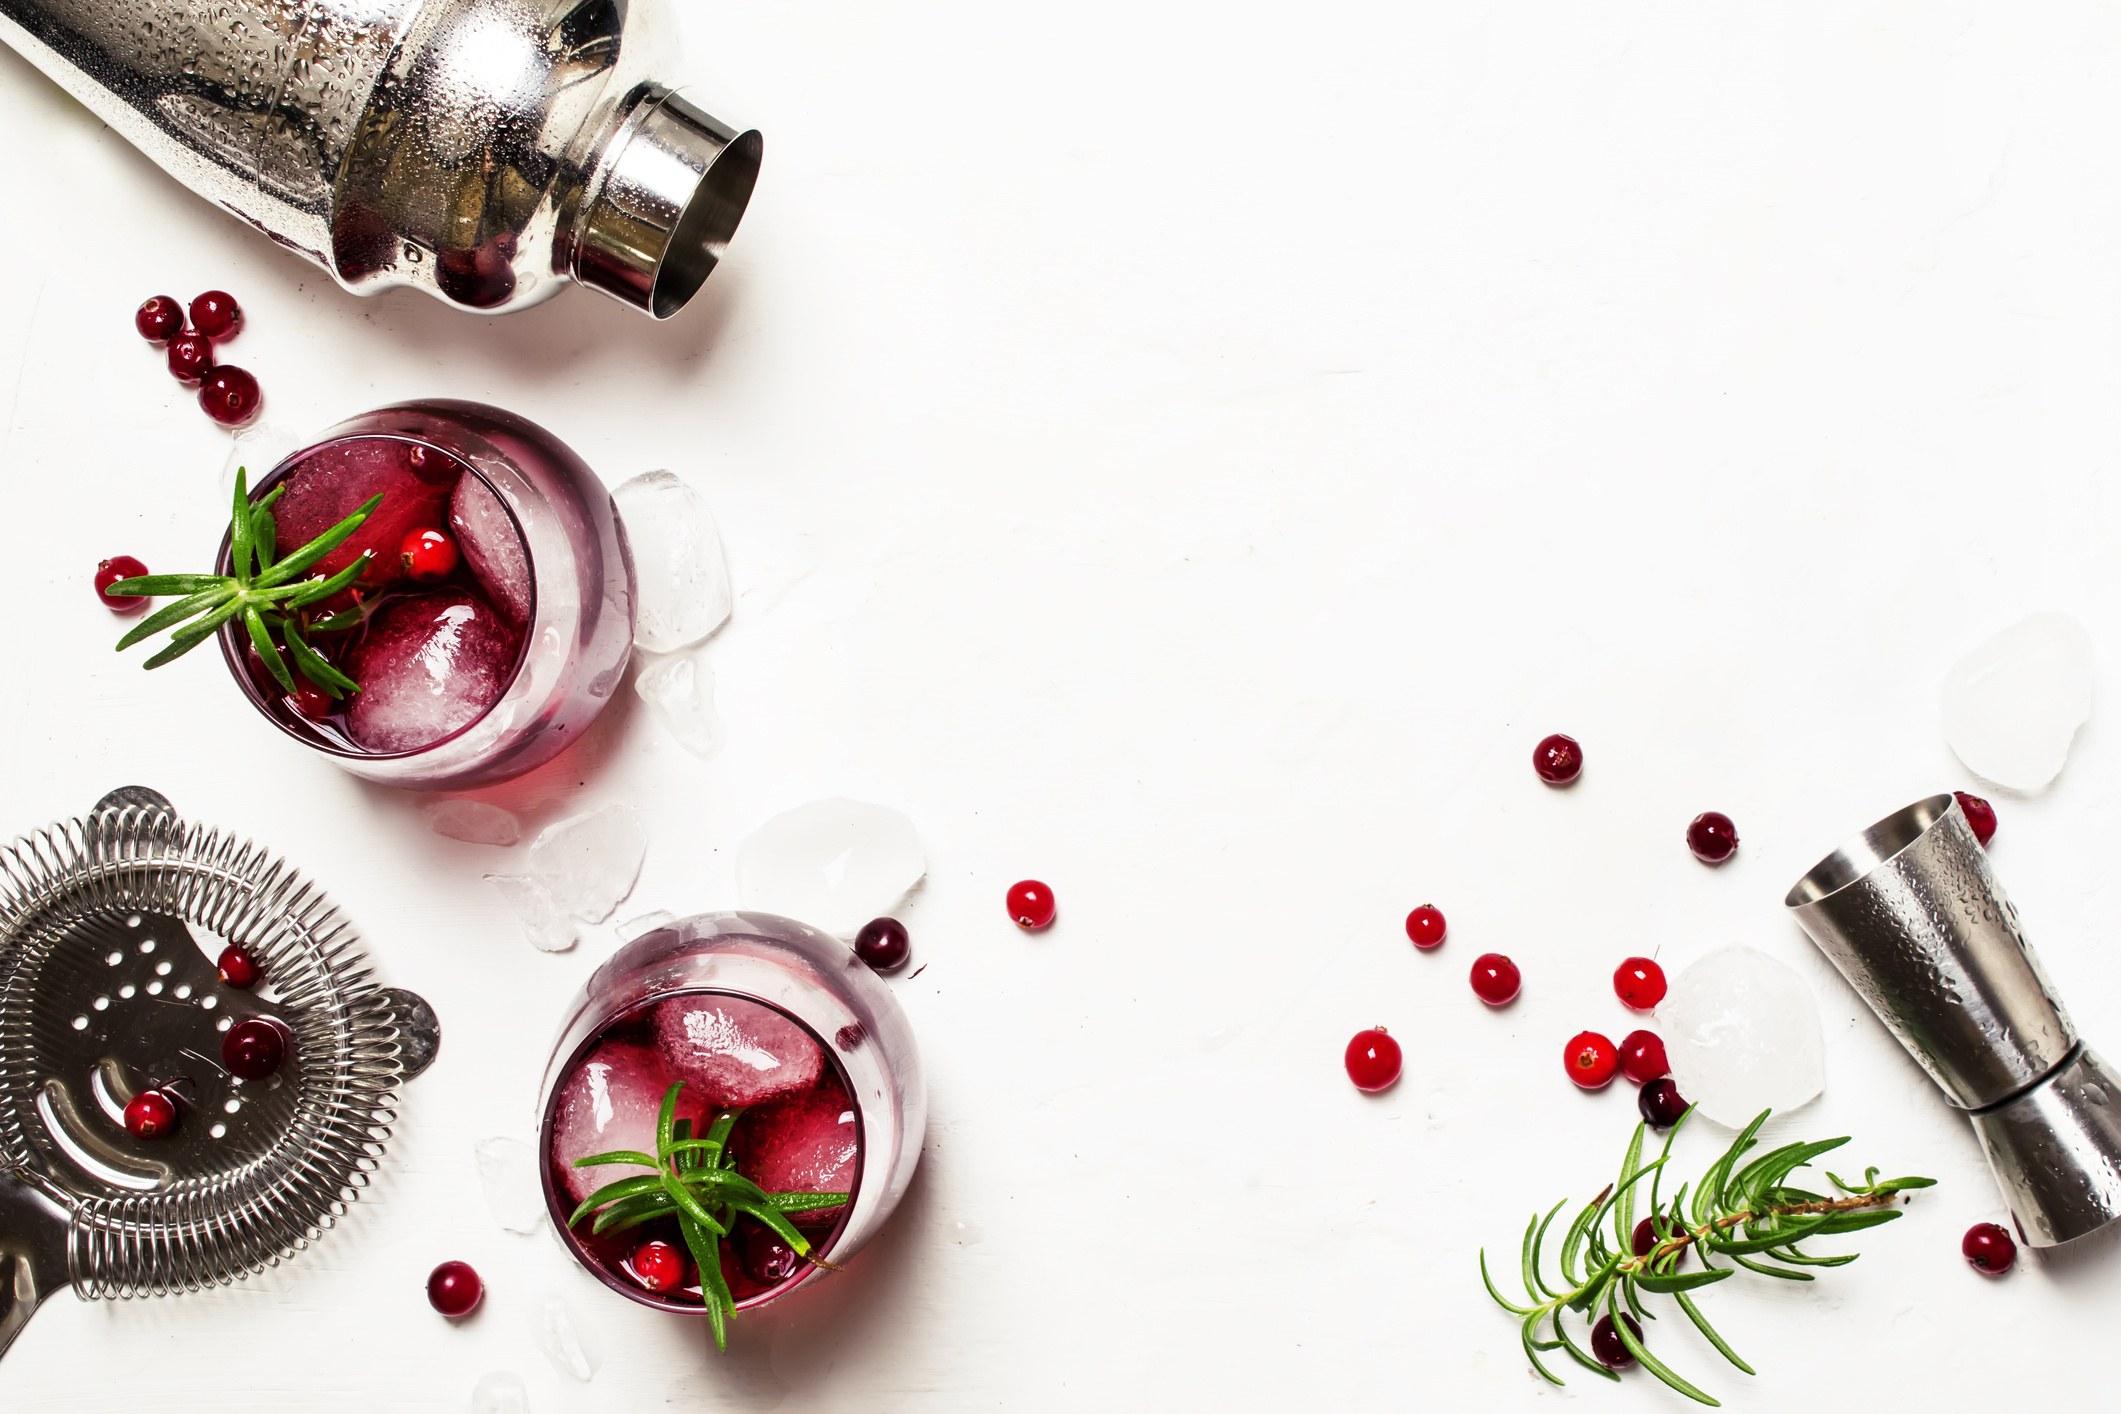 7 советов о том, как приготовить правильный коктейль